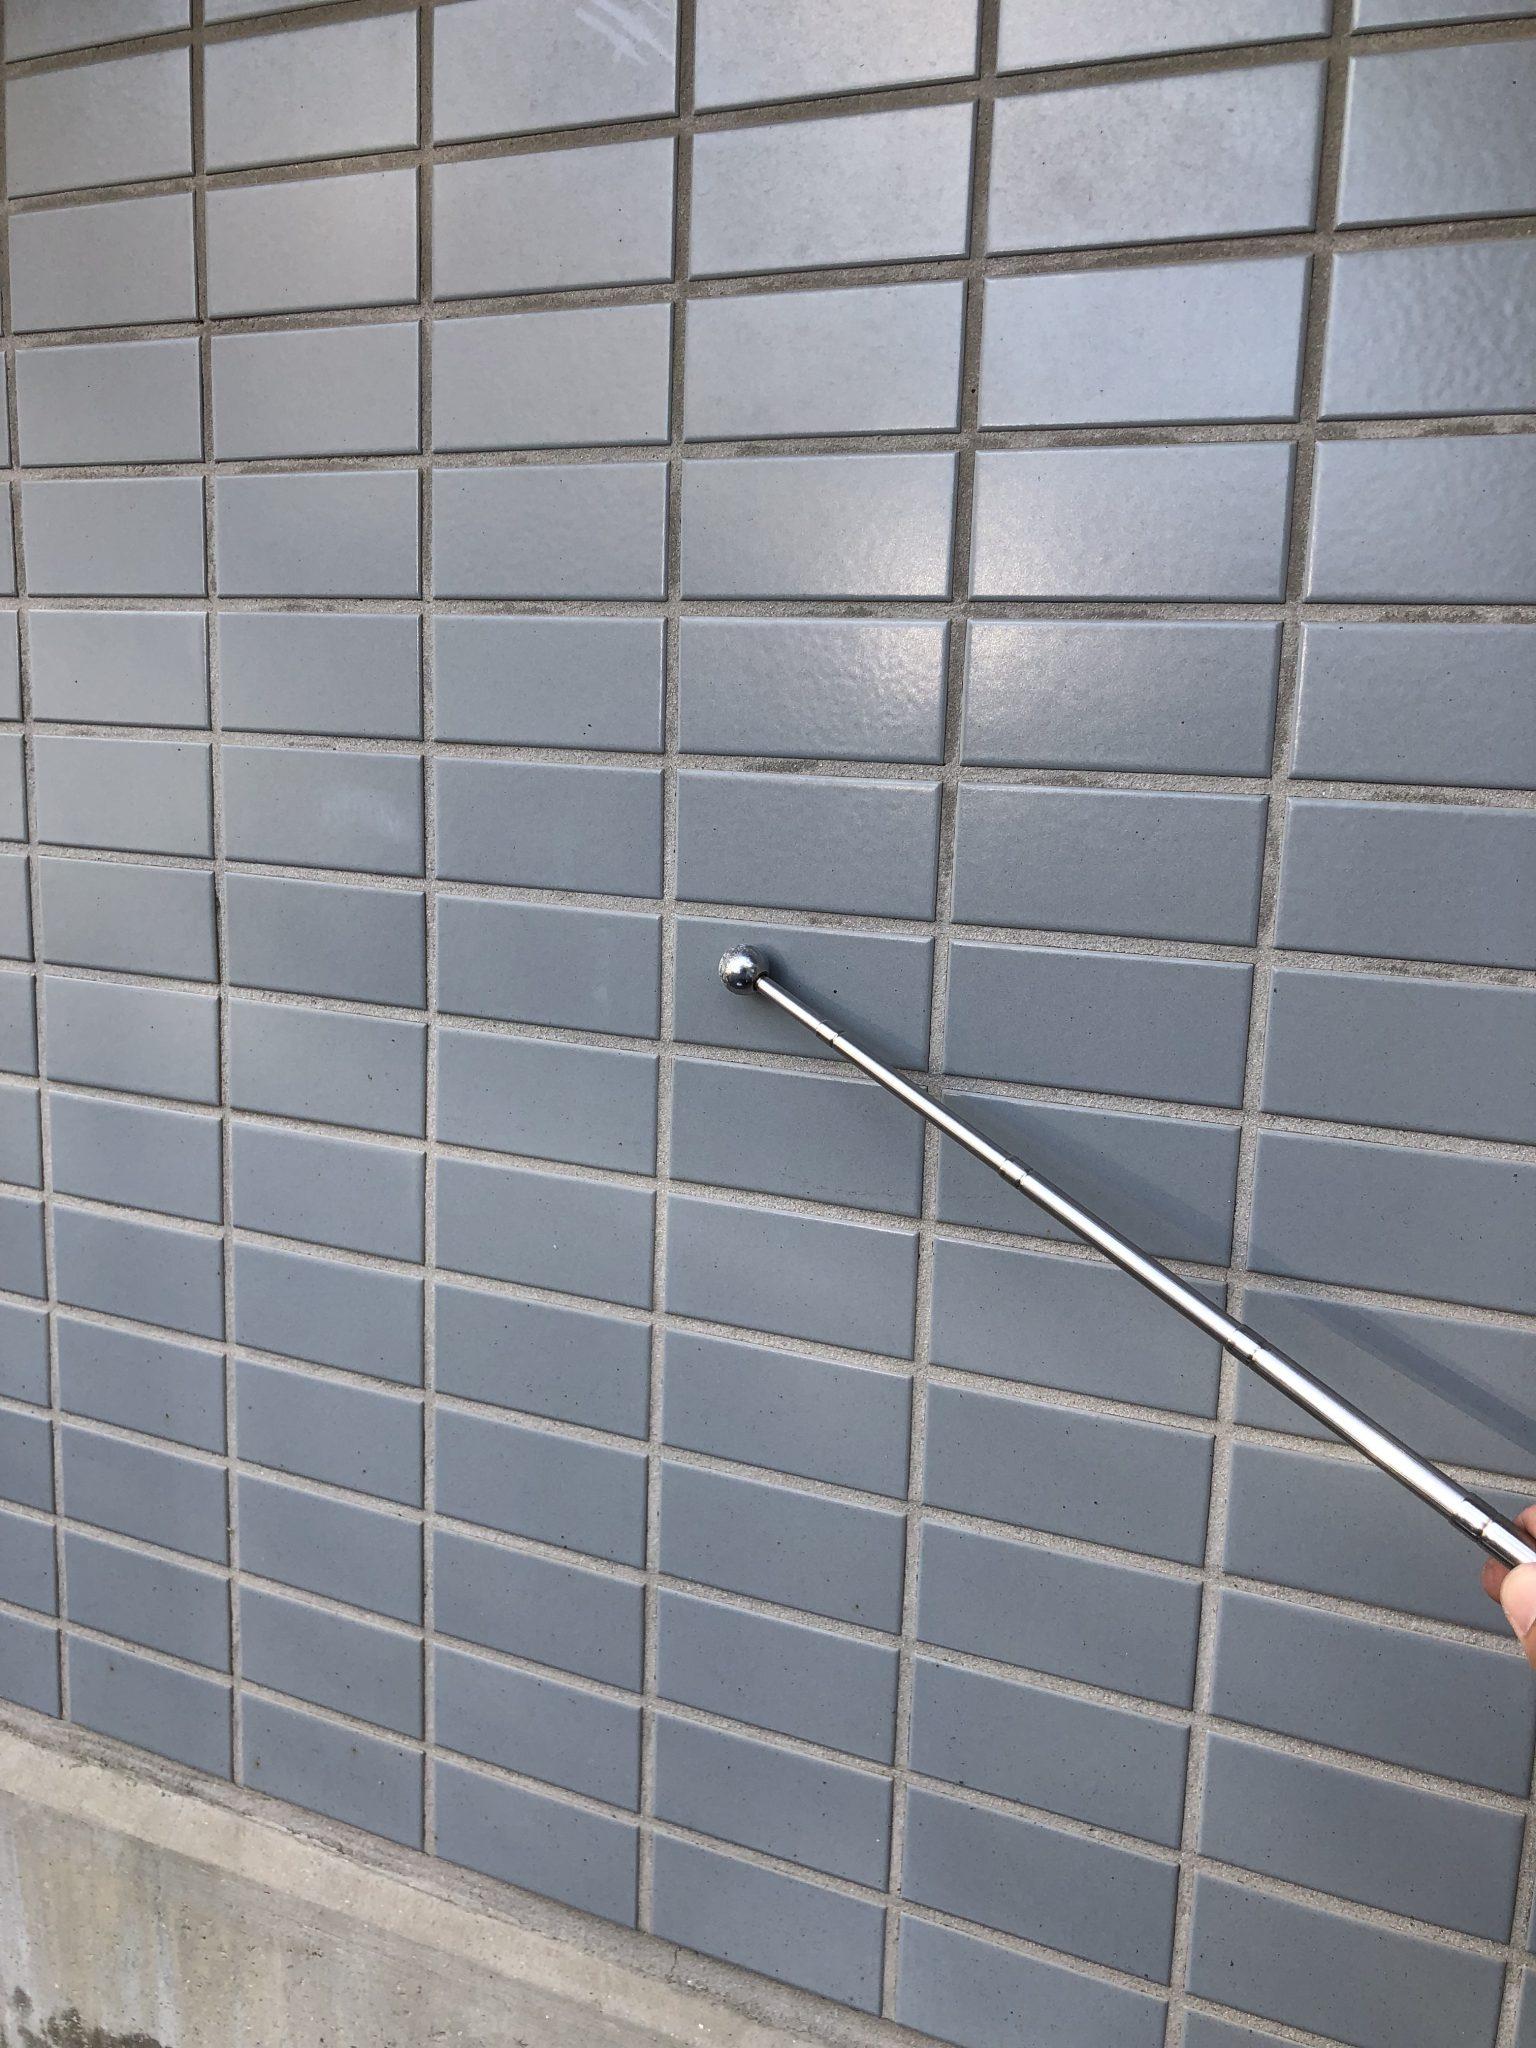 マンション外壁タイルの浮き 剥落の危険性 (1)